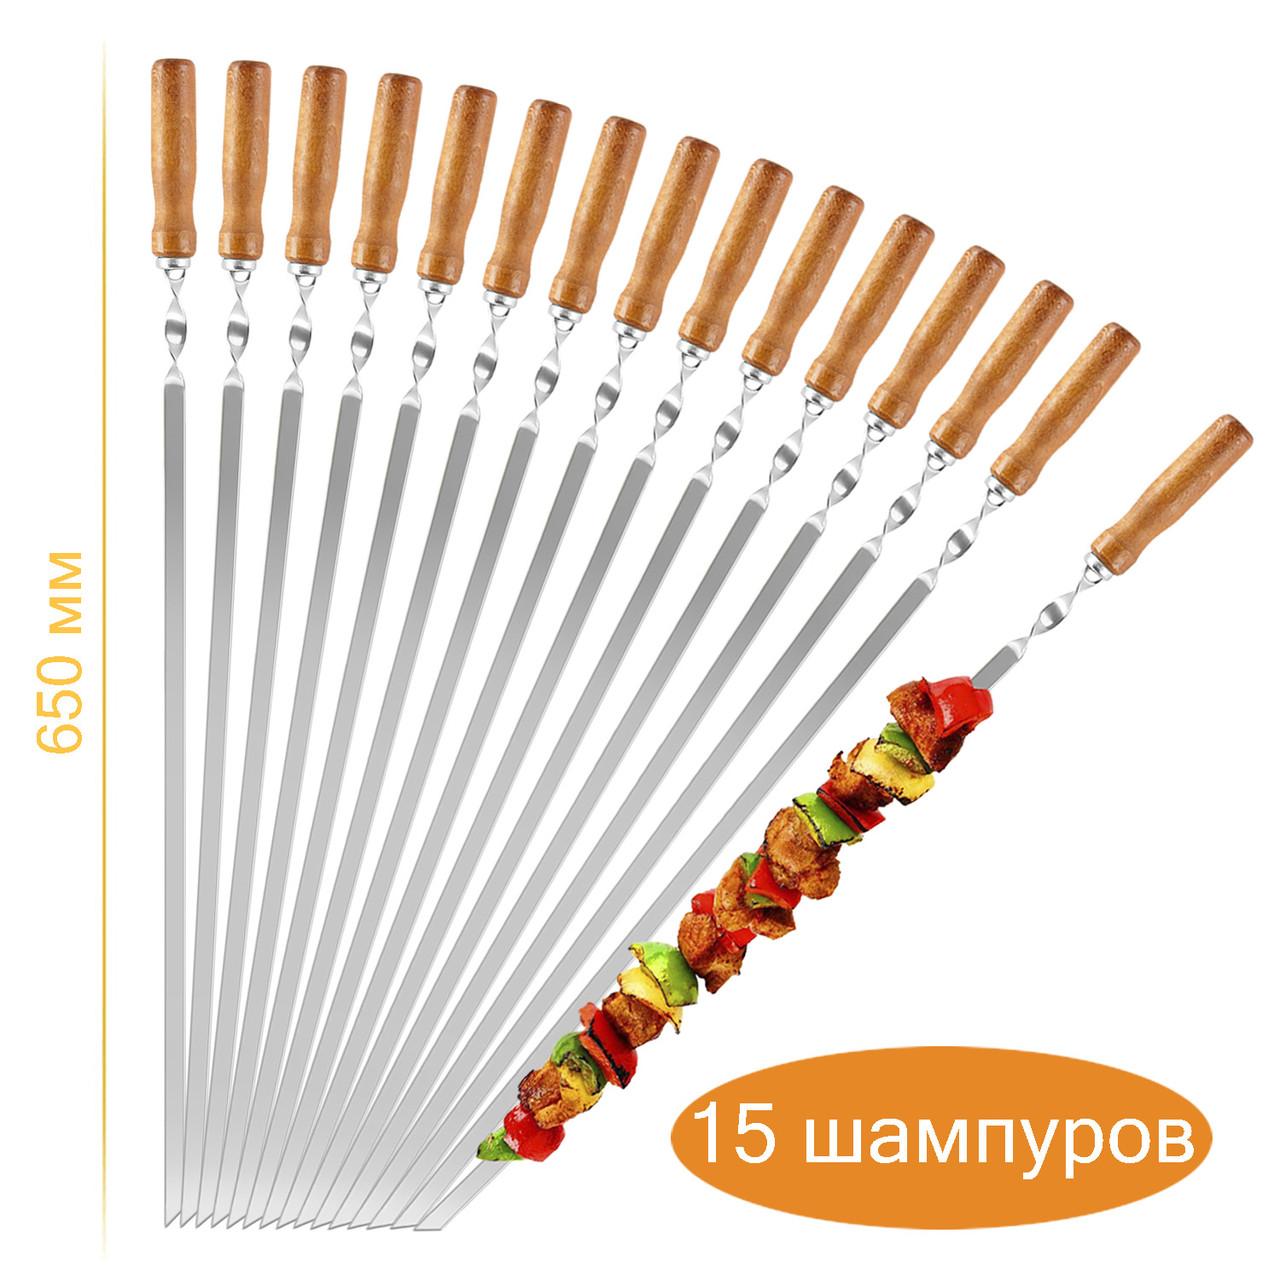 Великий набір 15 шампурів 650/10/3мм нержавіюча сталь дерев'яна ручка Ручна Робота EcoGrill